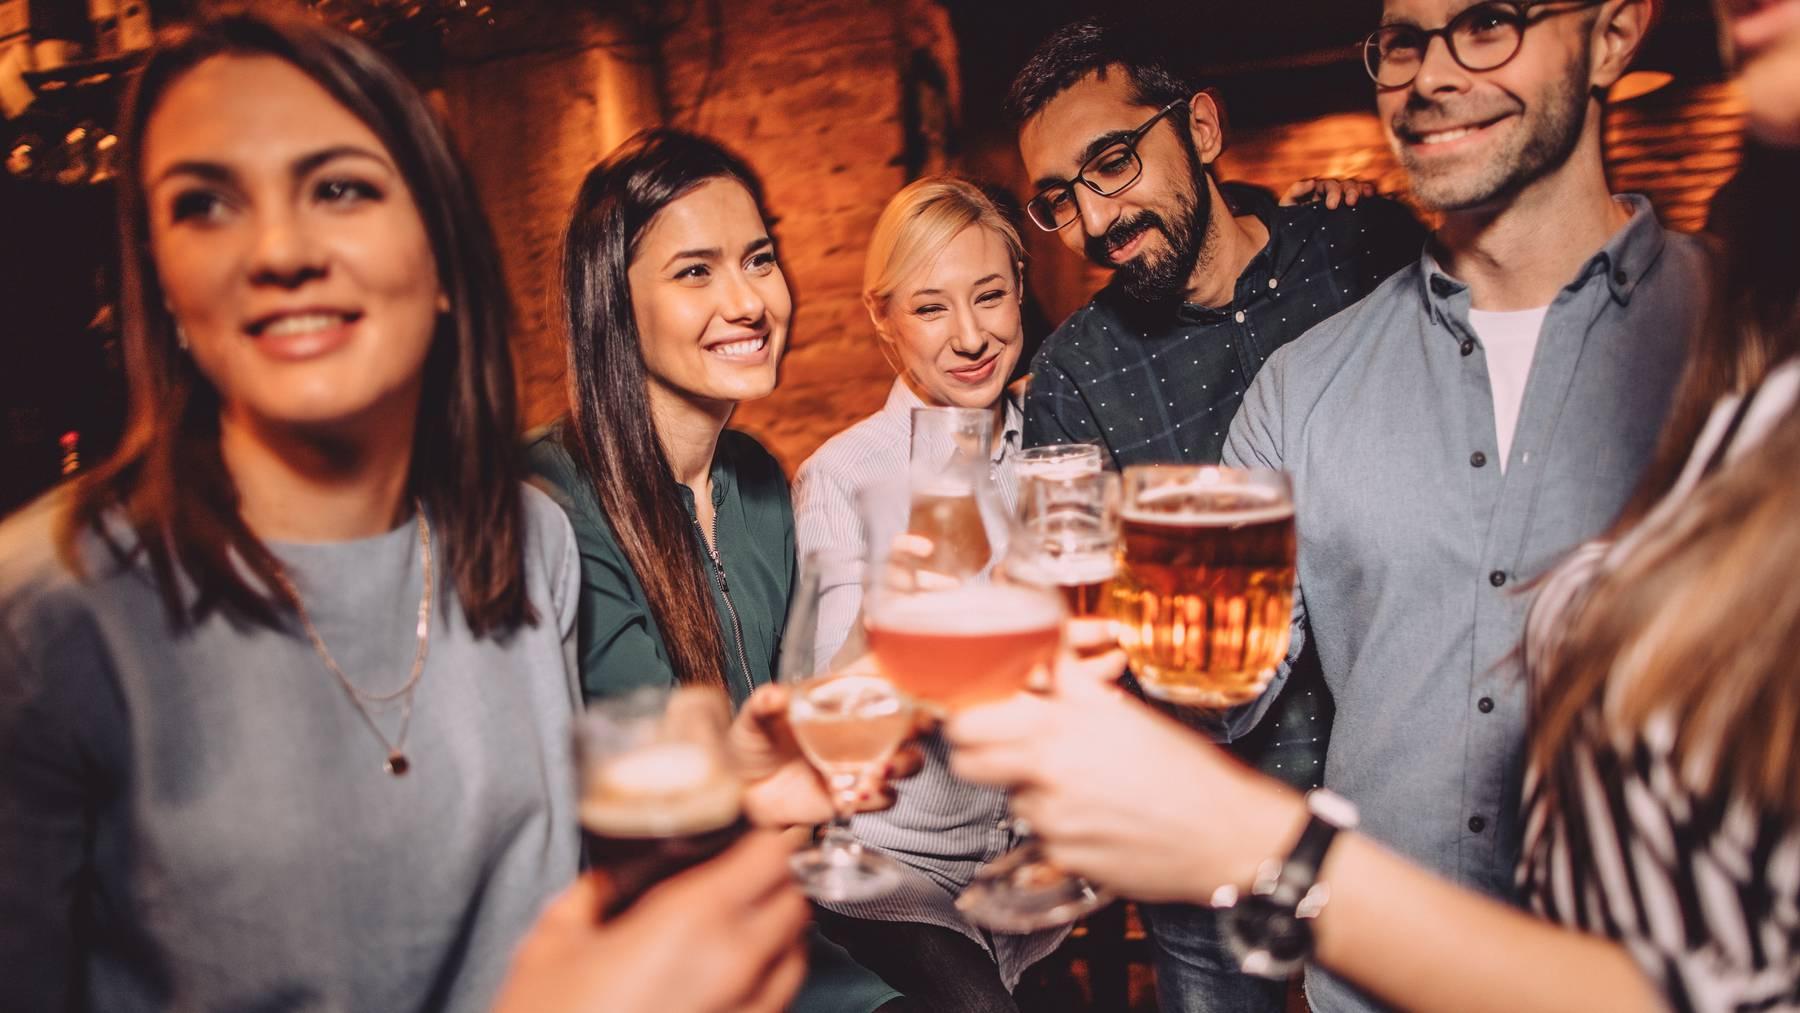 Neue Studie zu Alkoholkonsum